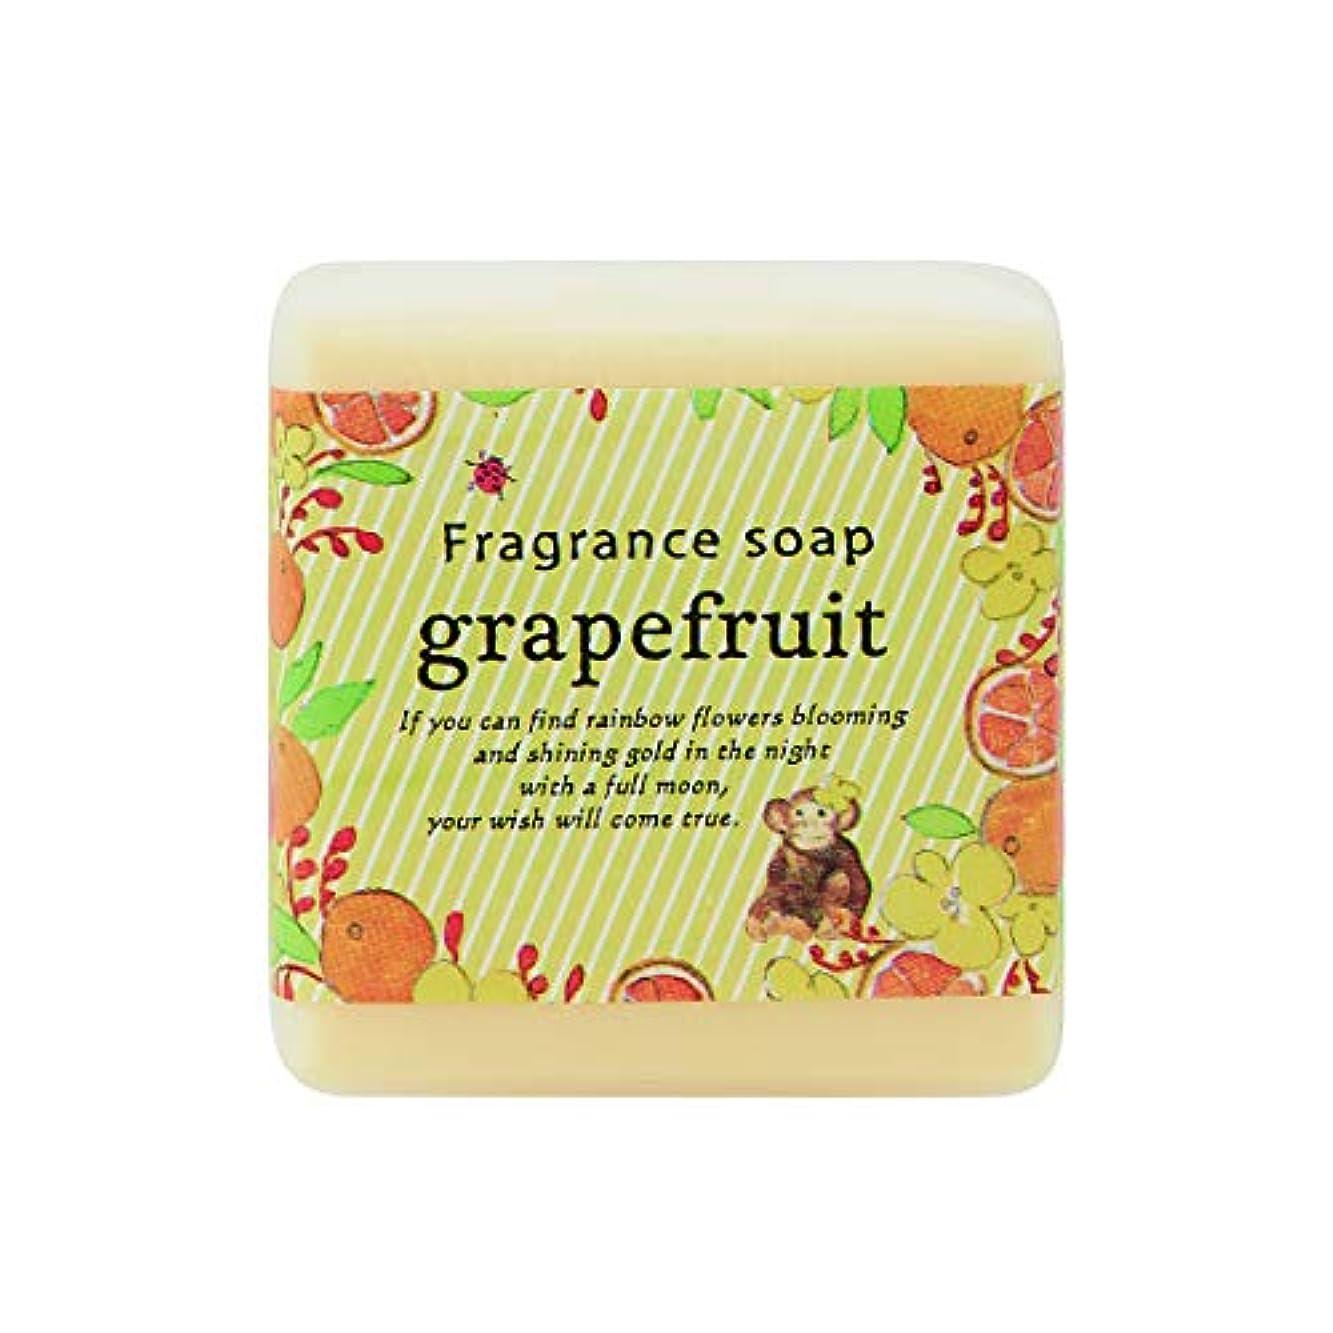 切り離す収容する欺サンハーブ フレグランスソープ40g グレープフルーツ 12個(プチ石けん ゲストソープ シャキっとまぶしい柑橘系の香り)